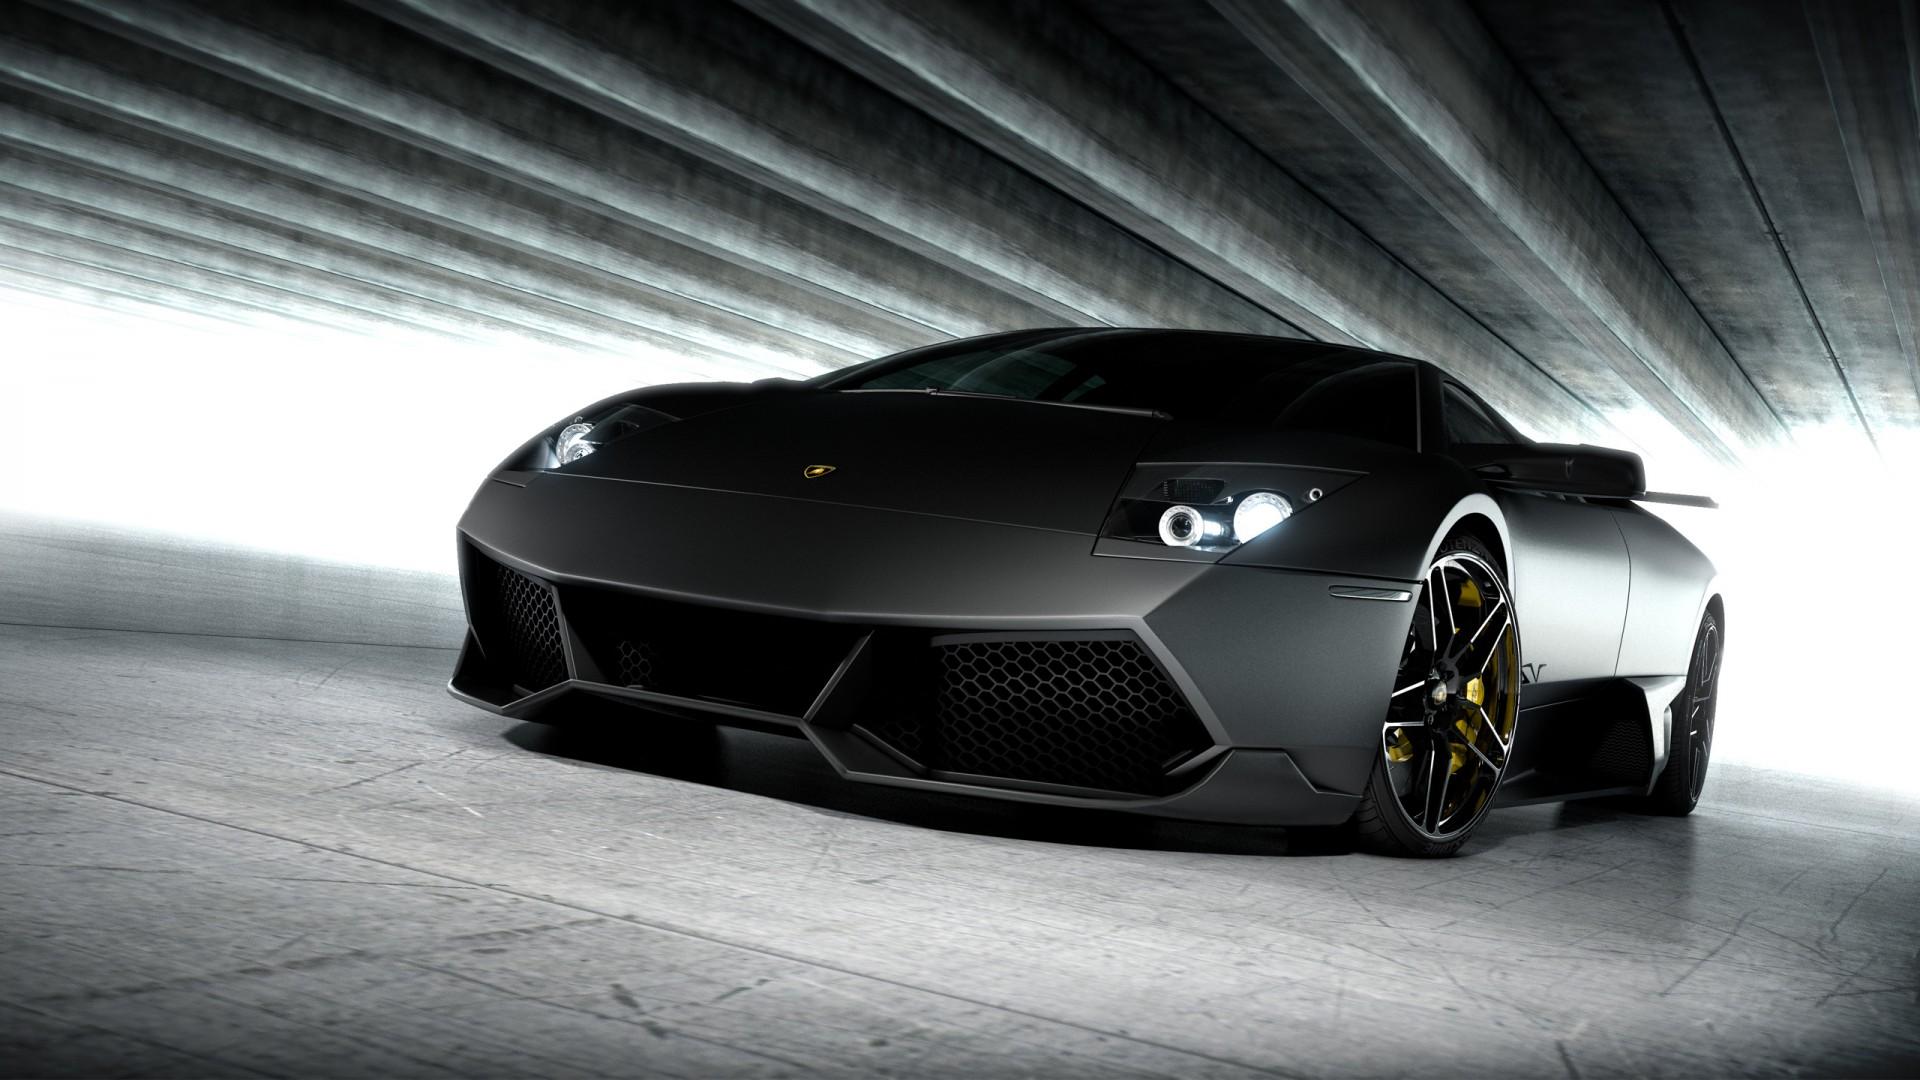 Lamborghini Murcielago 4 Wallpaper | HD Car Wallpapers | ID #5143